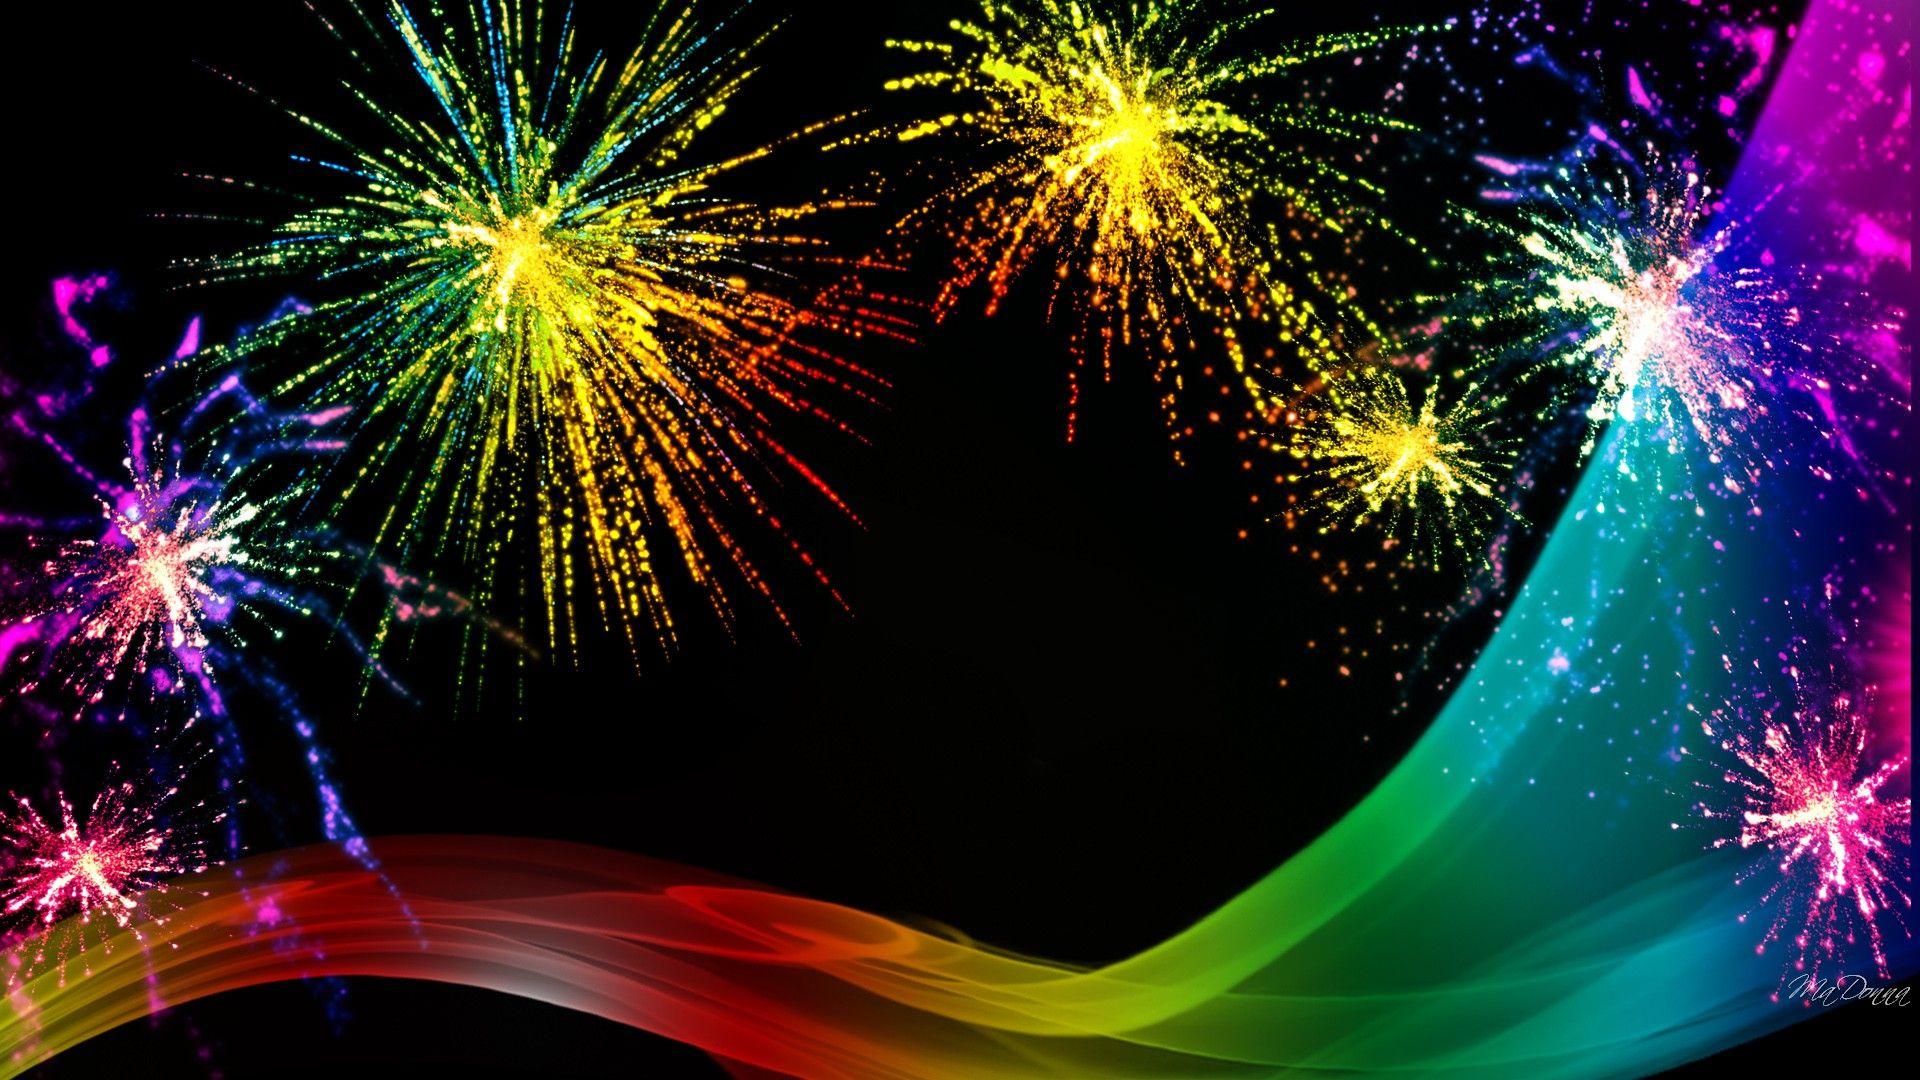 Celebration Background Hd